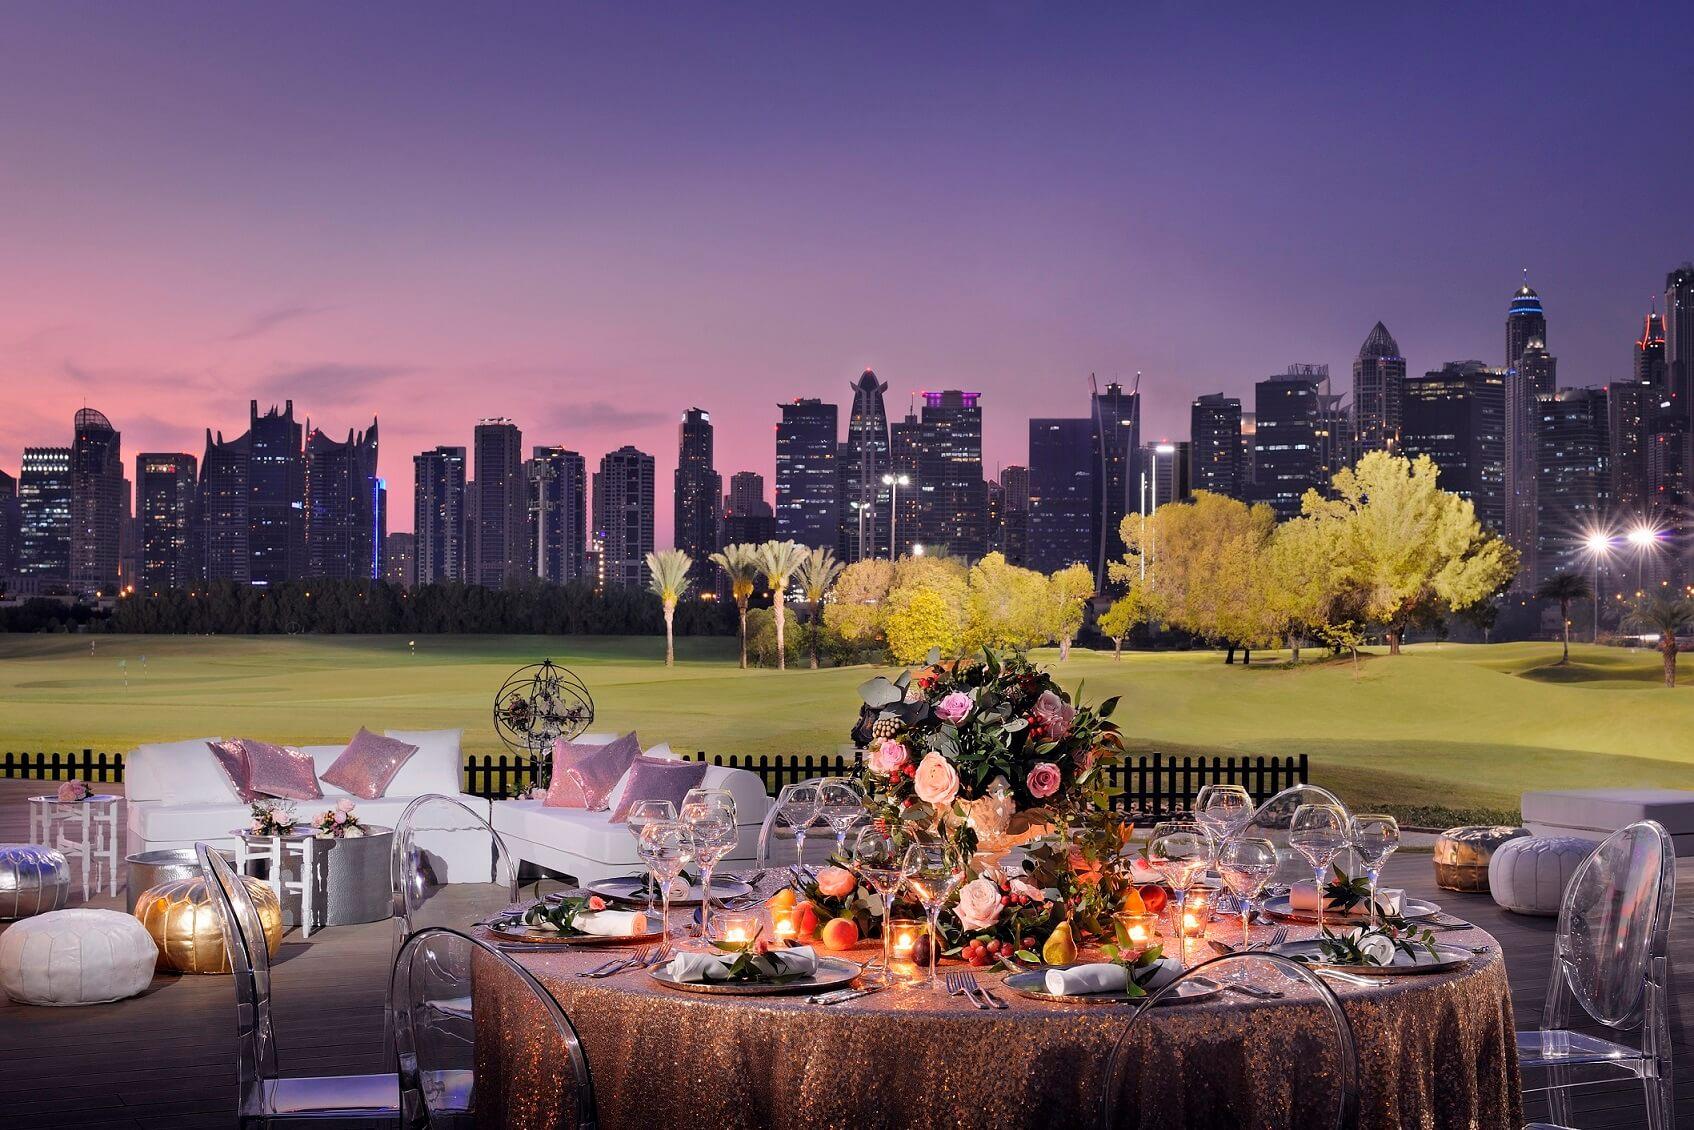 أفضل 12 وجهة مميزة لاستضافة المناسبات والفعاليات في دبي